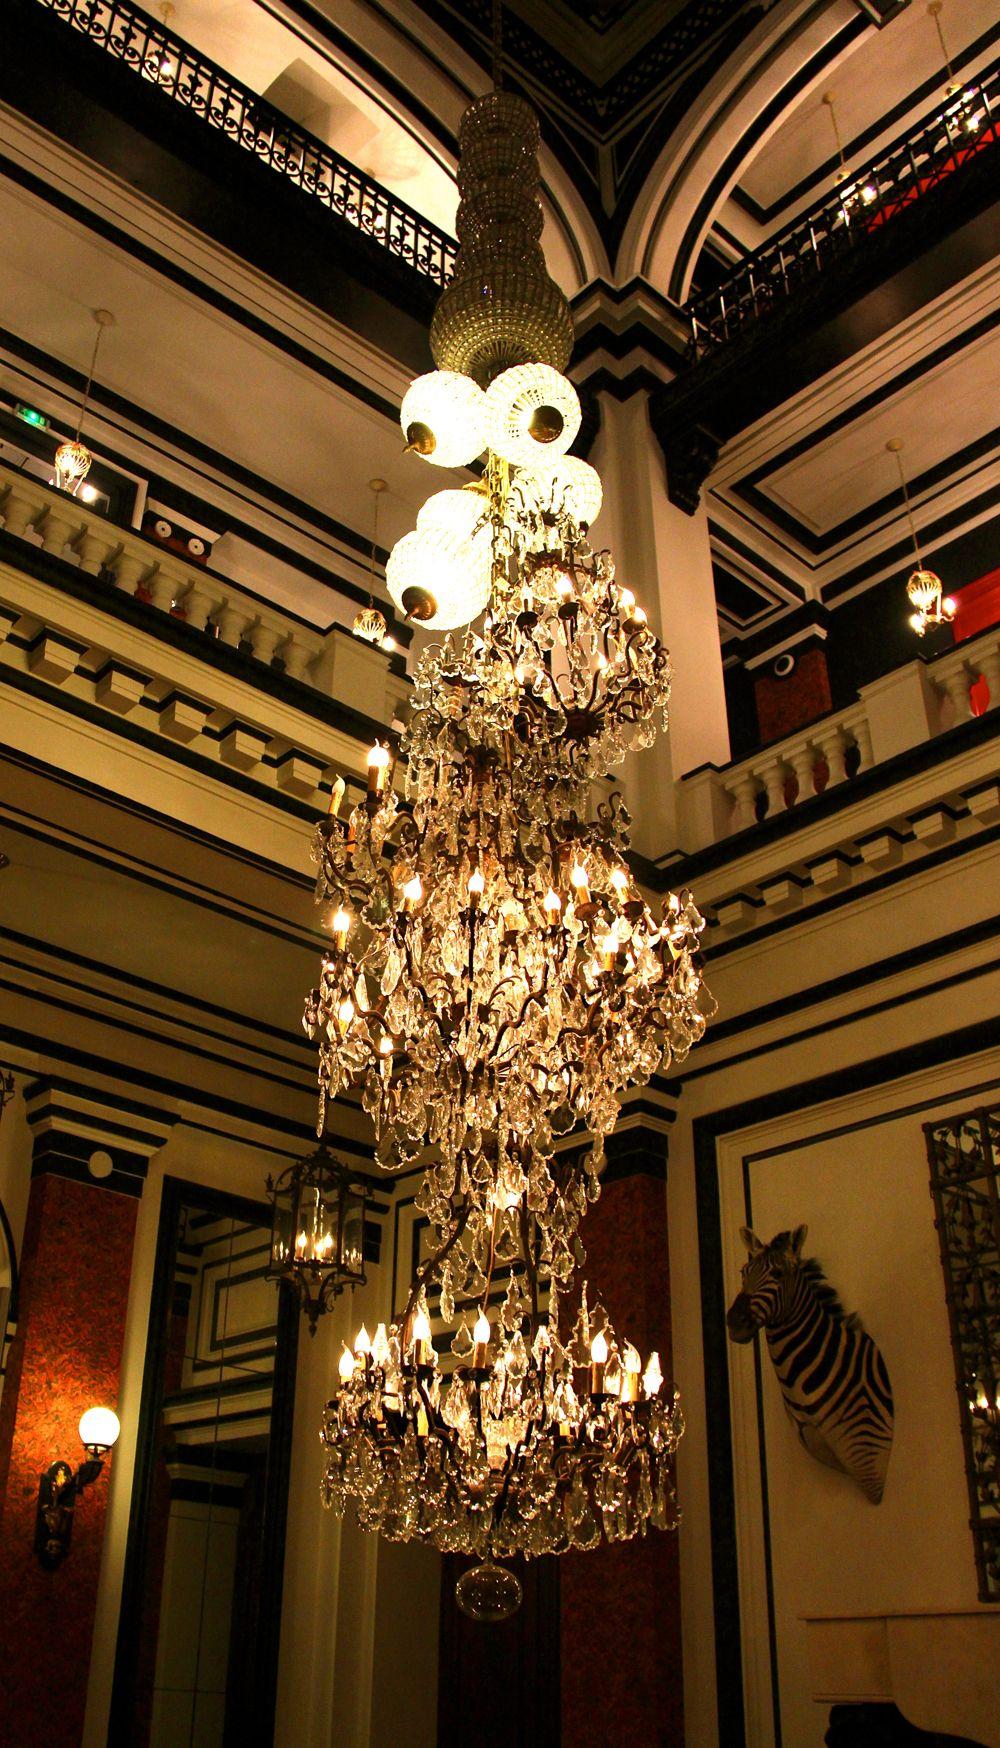 Thefashionfuse.com The Saint James hotel Paris, France